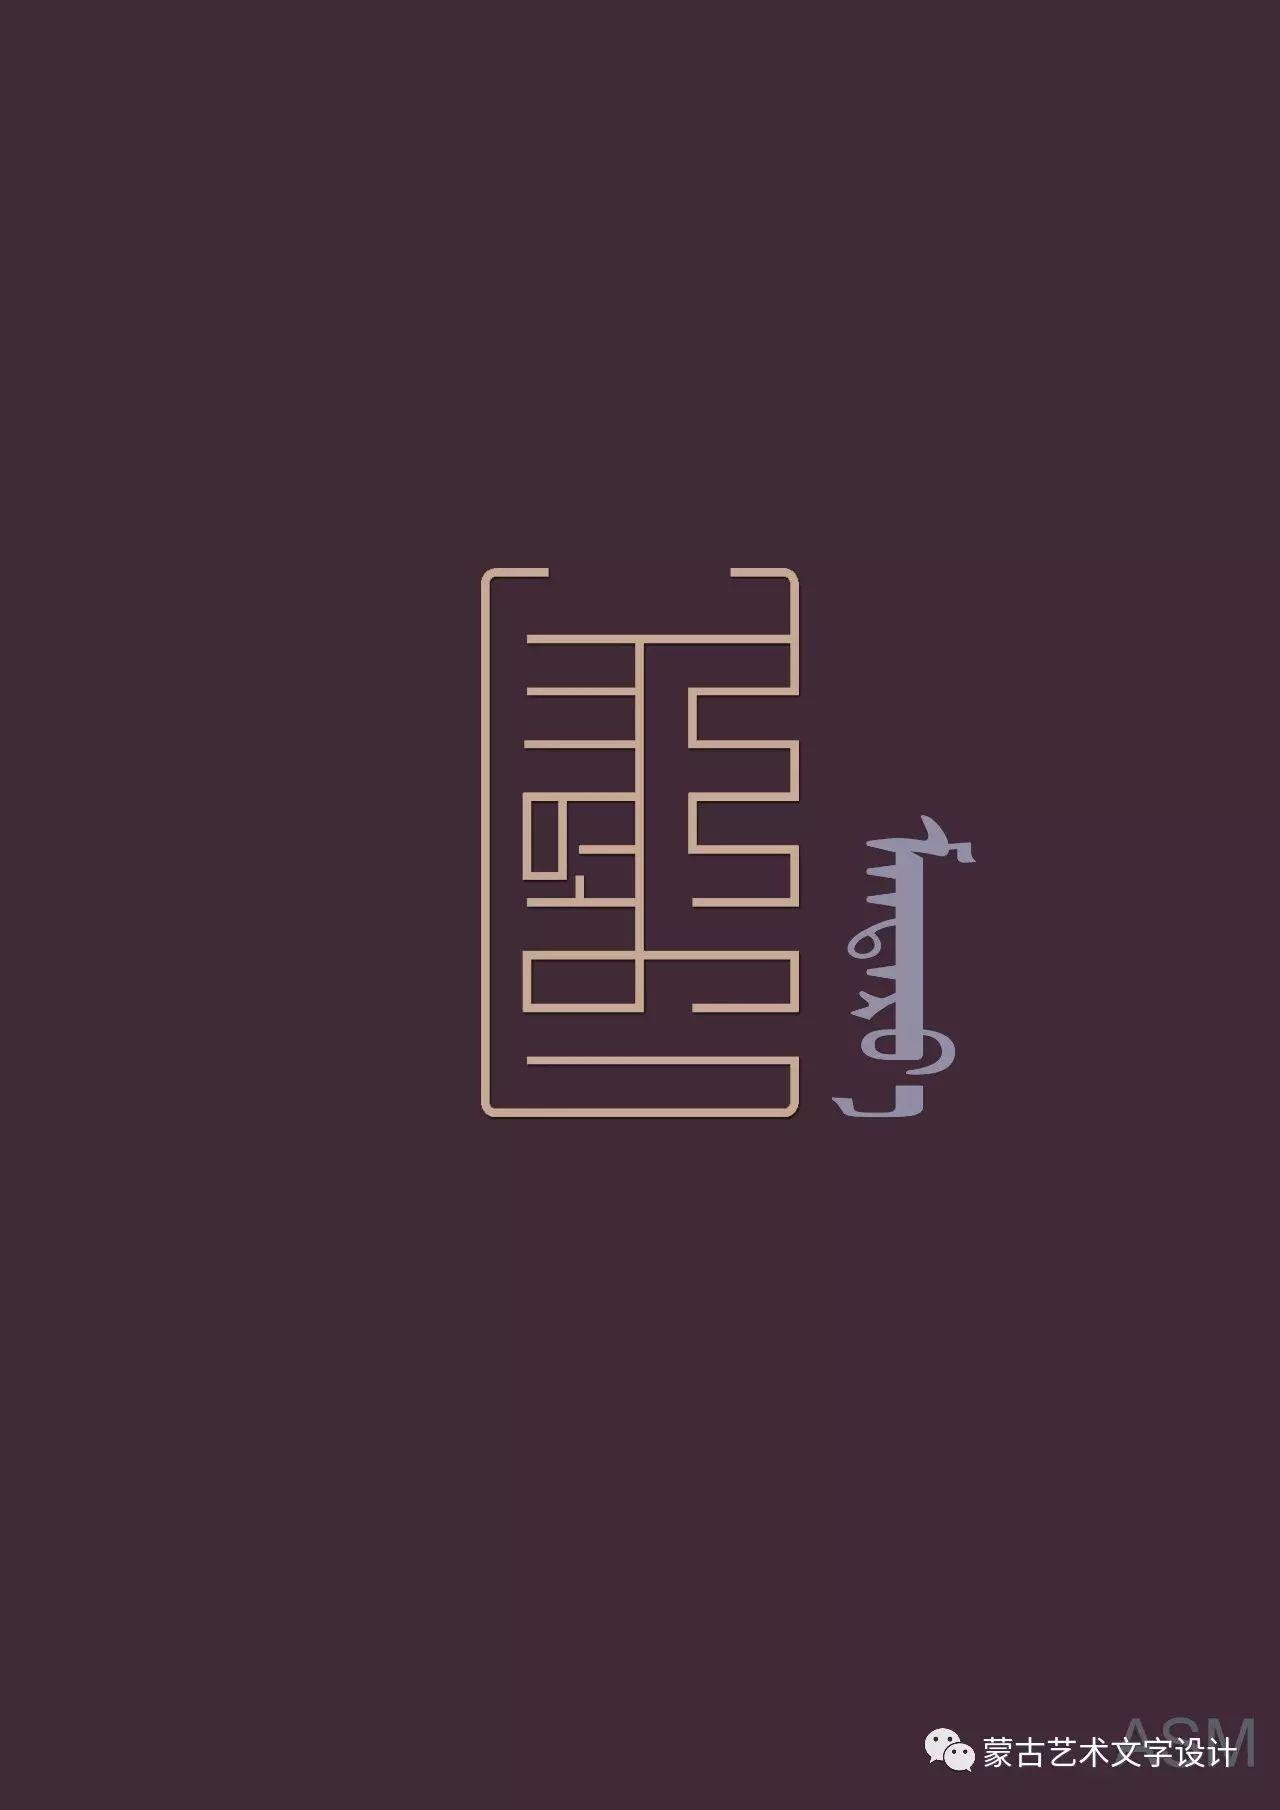 蒙古艺术文字设计 第51张